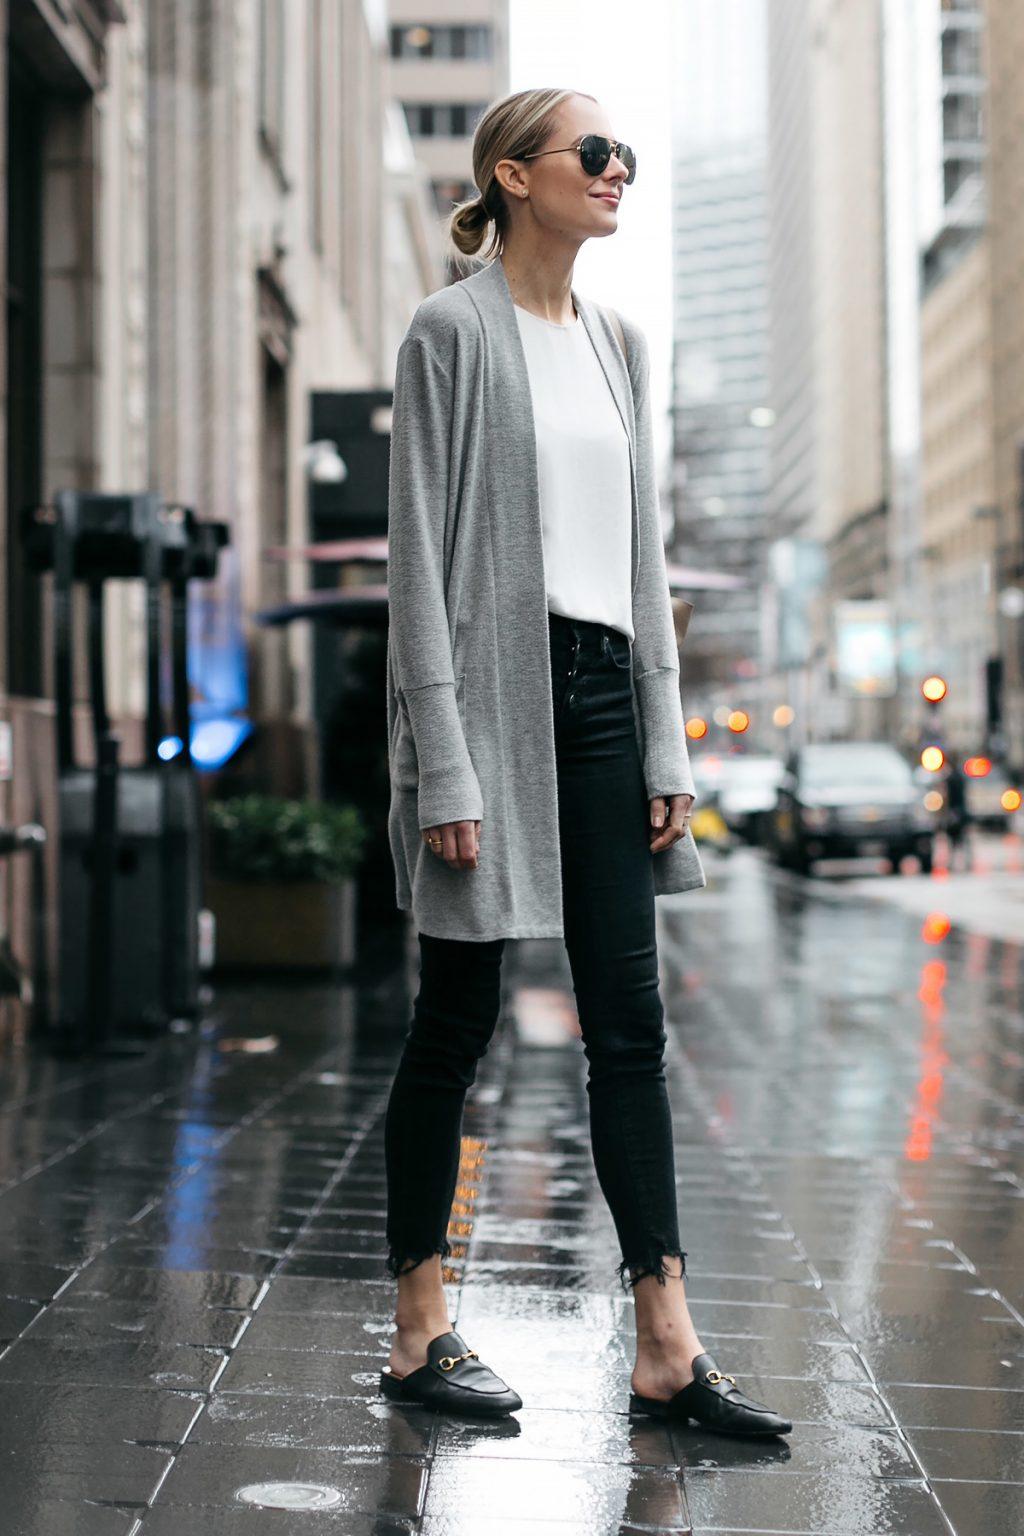 trang phục đẹp và thoải mái 13